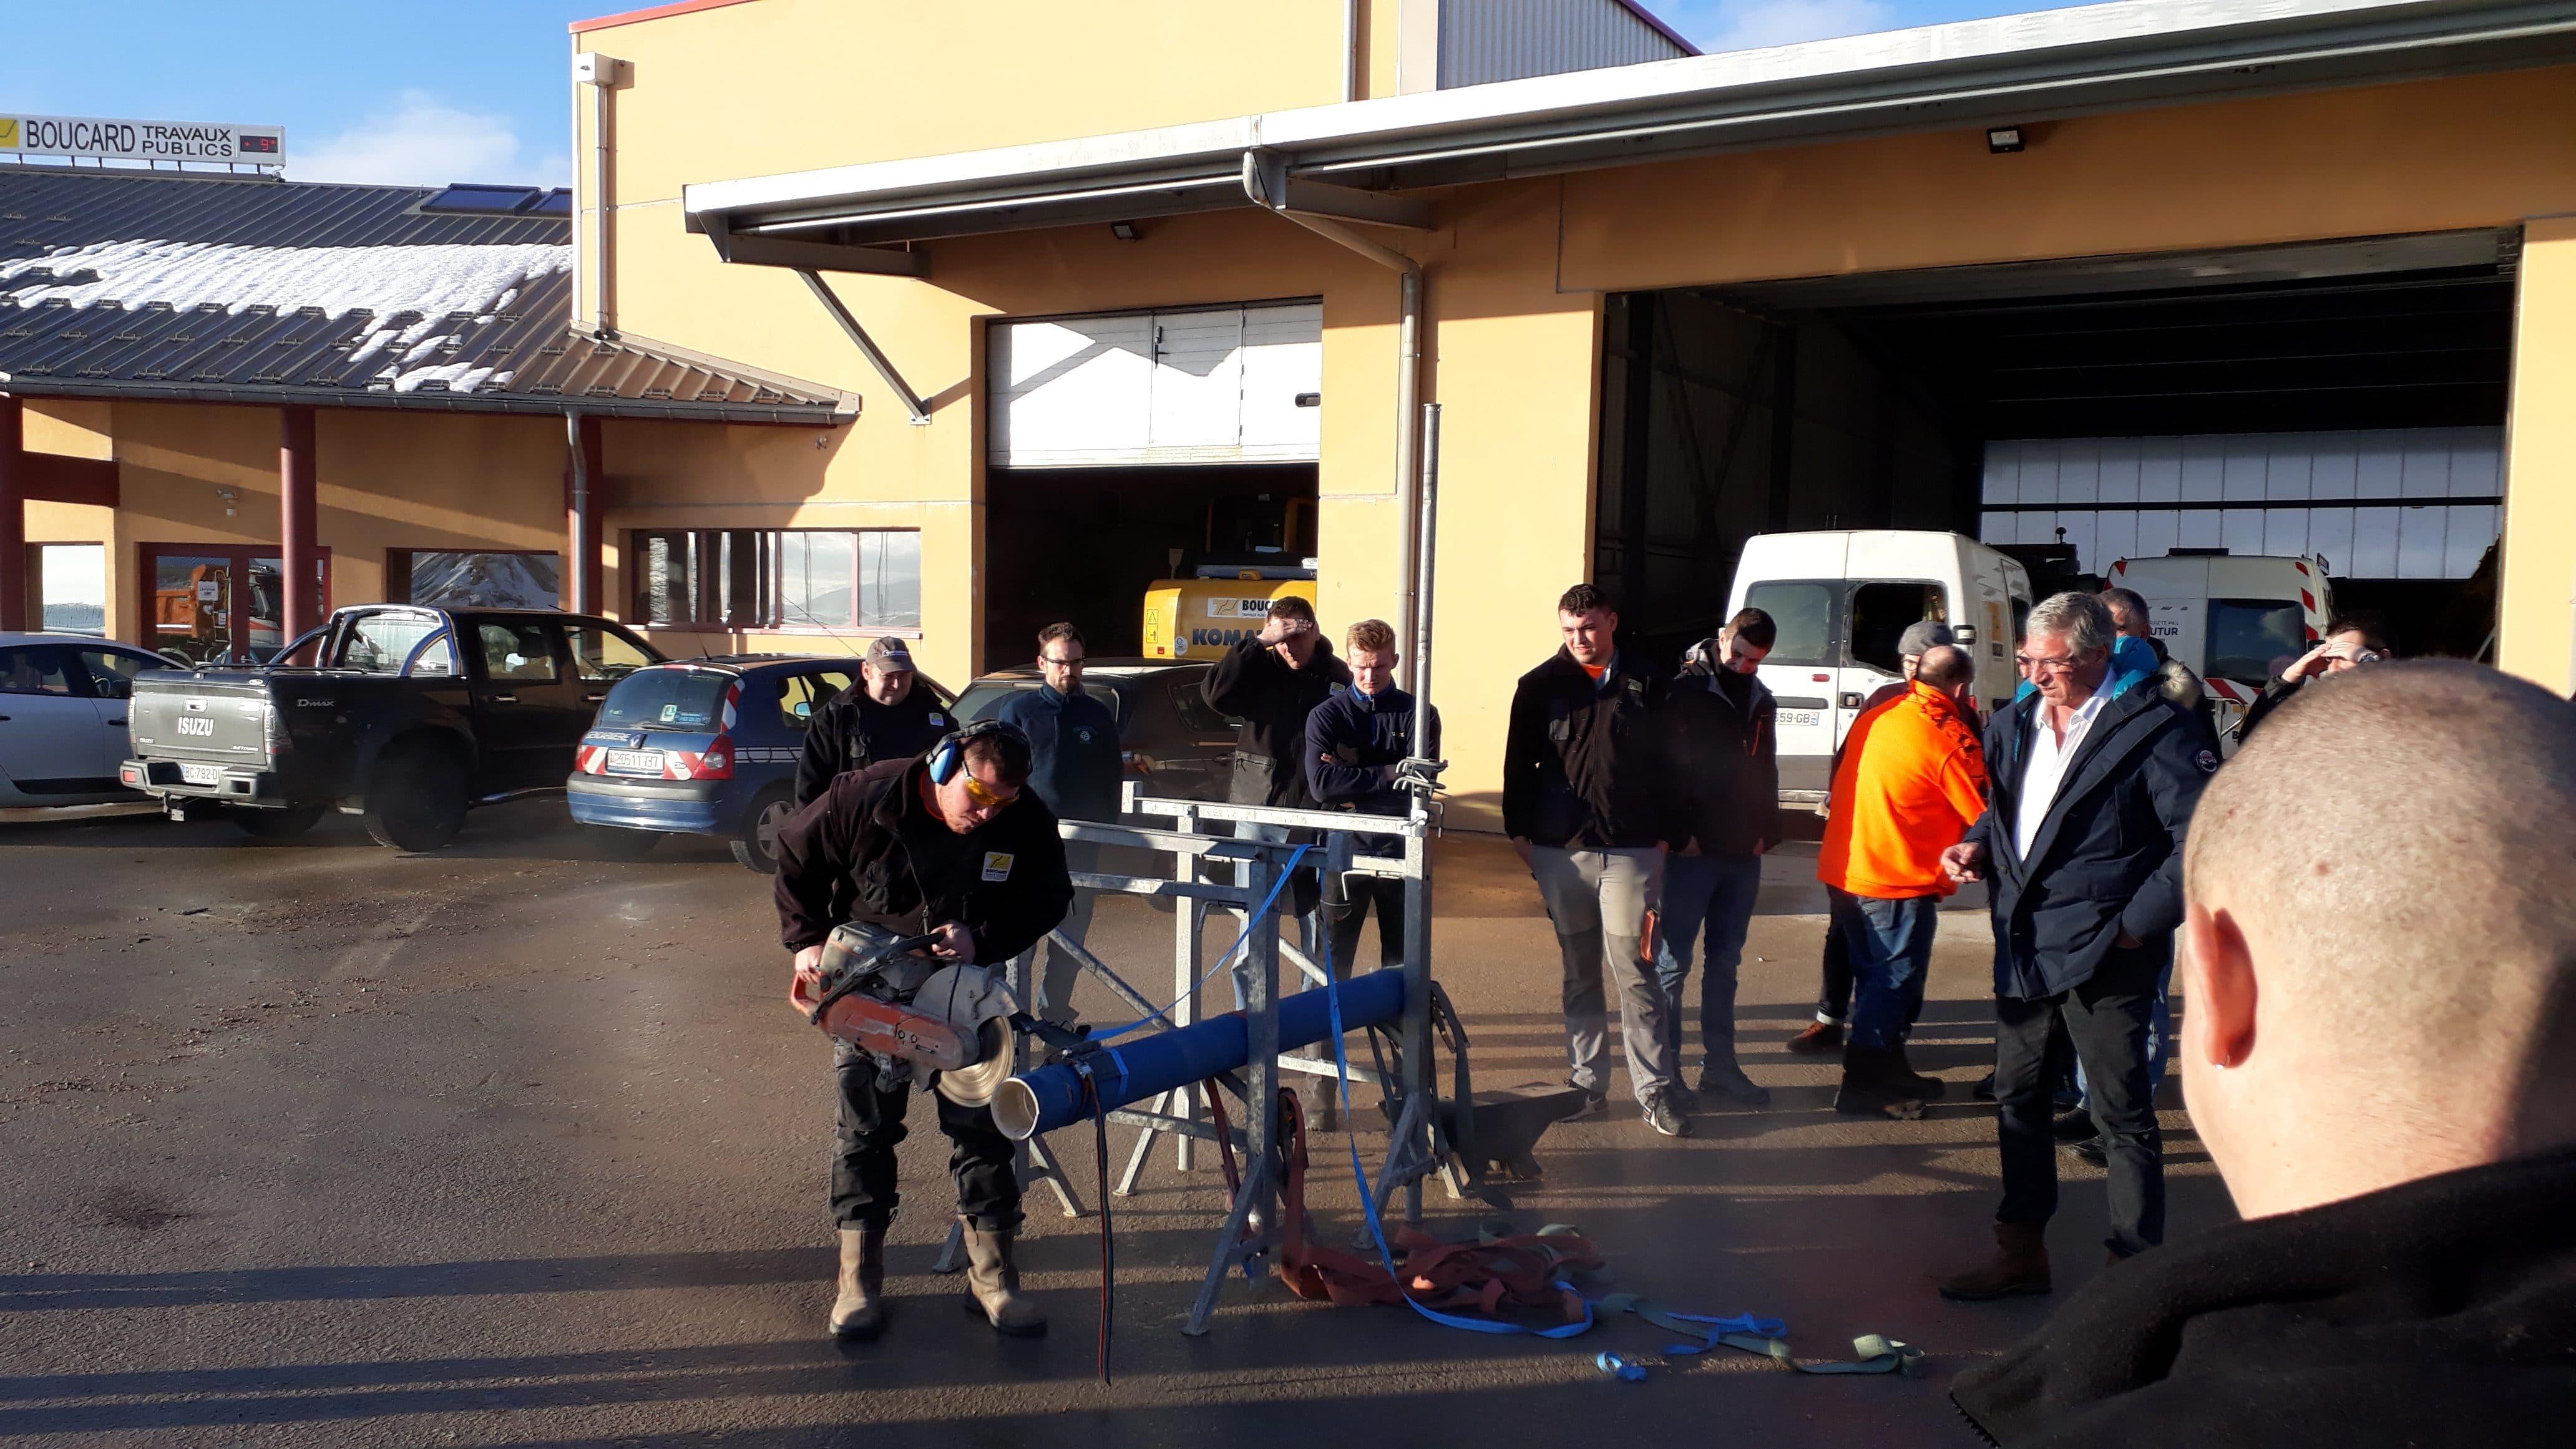 boucard-tp-formation-securite-au-travail-batiment-travaux-publics-11